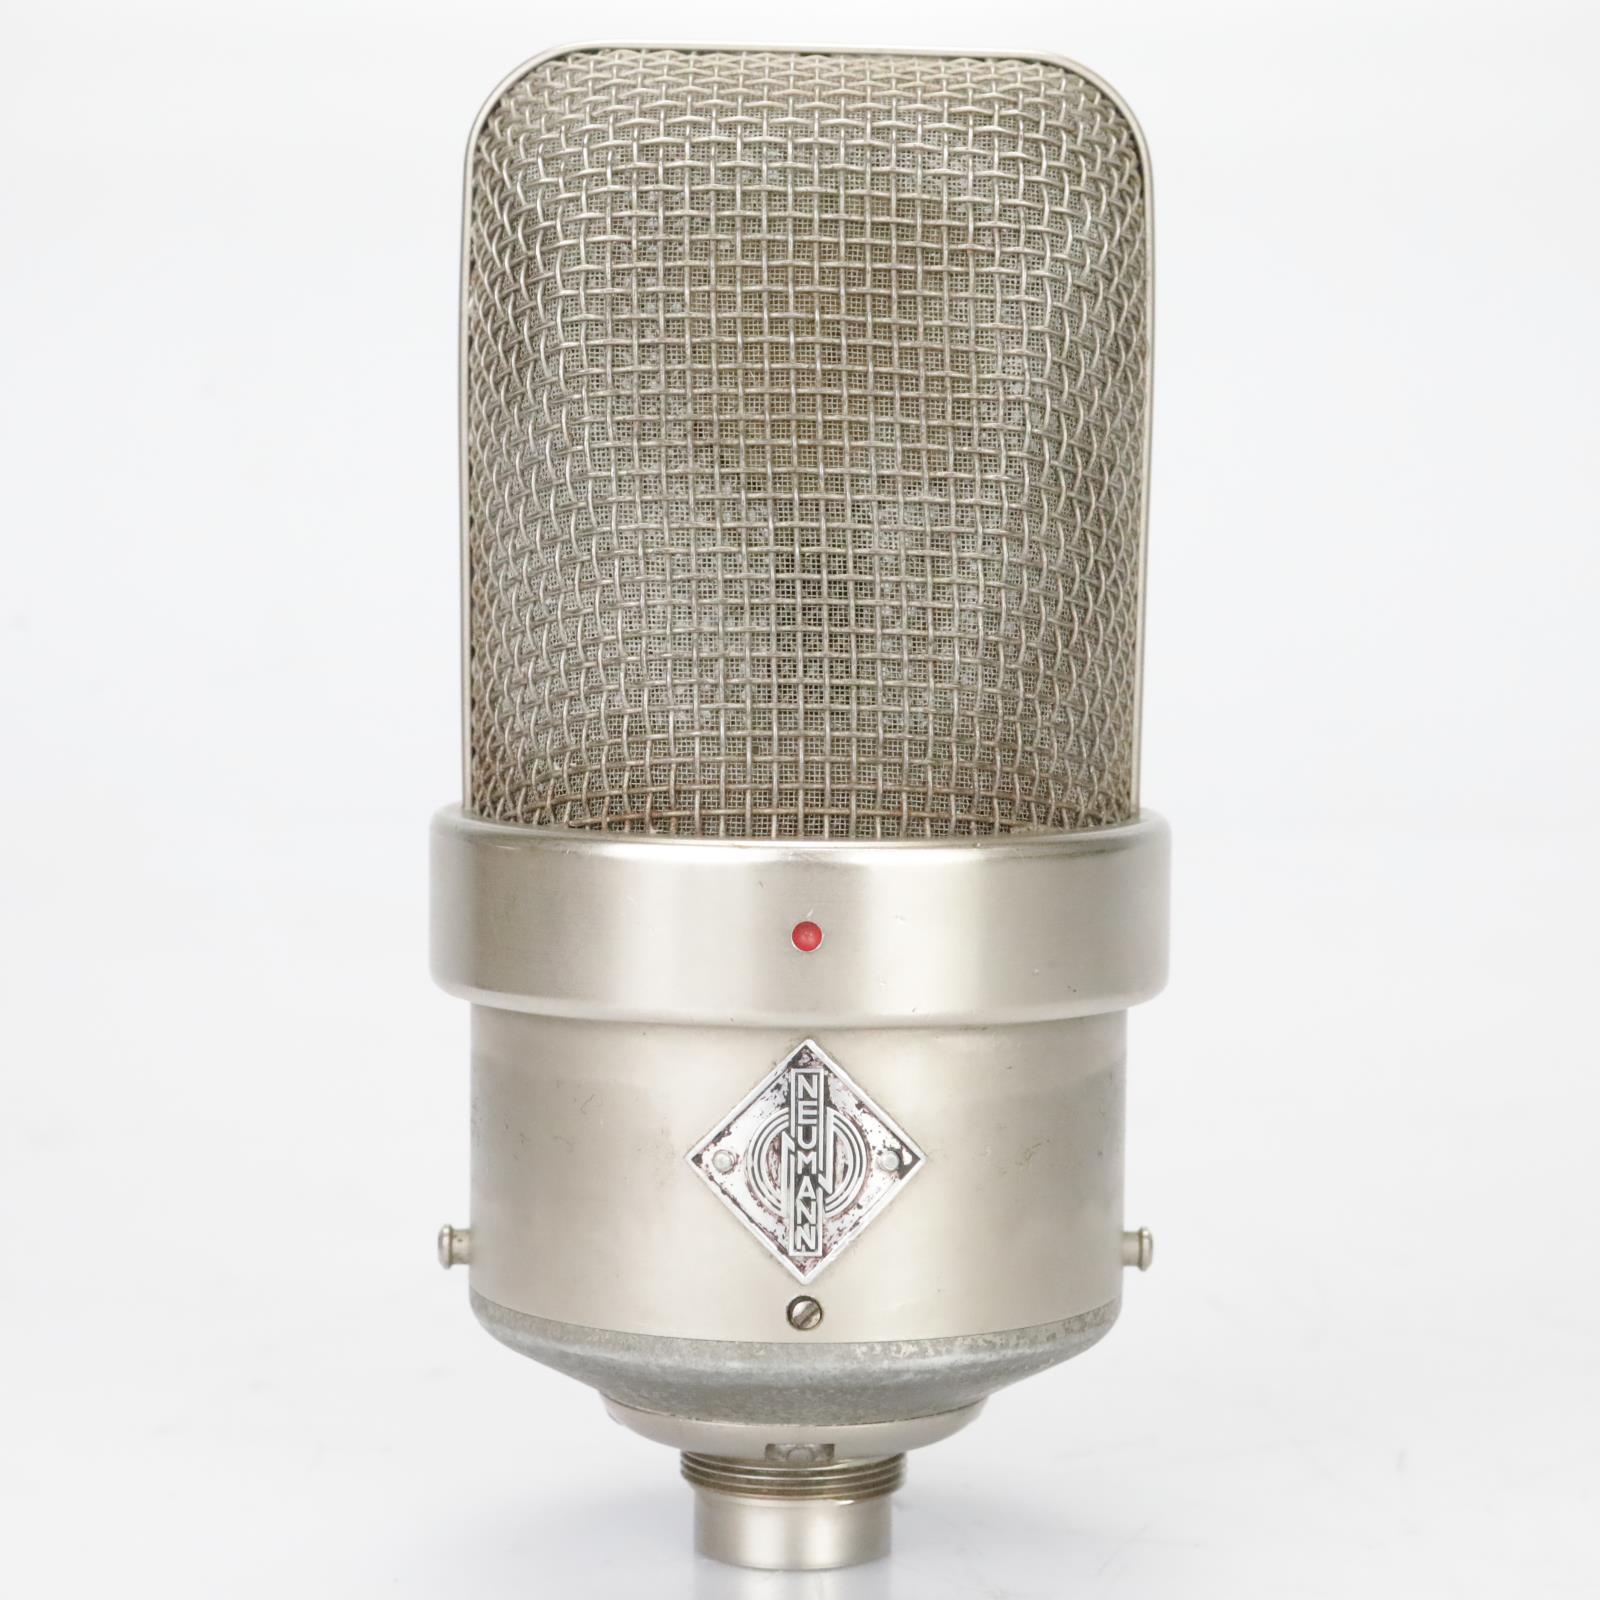 Neumann M249b Tube Condenser Microphone M249 w/ N52a Power Supply #39406